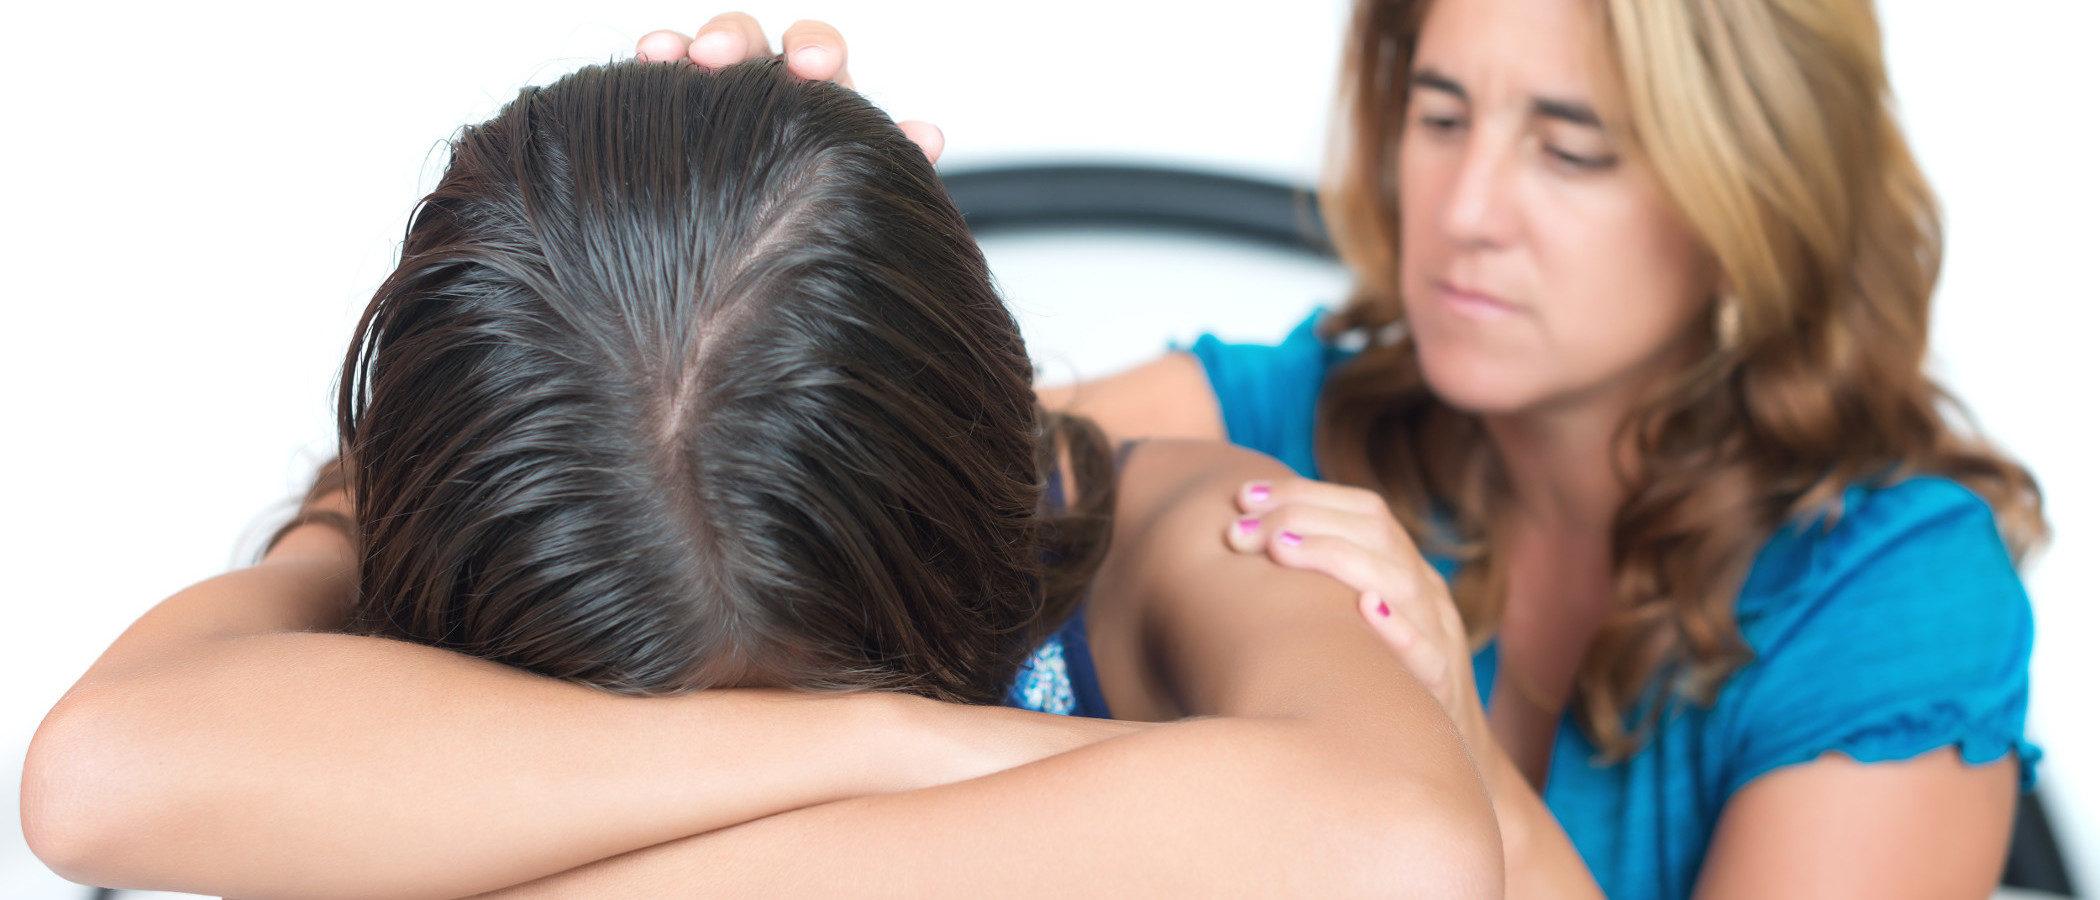 Ayuda a tu hijo a seguir adelante tras un intento de suicidio